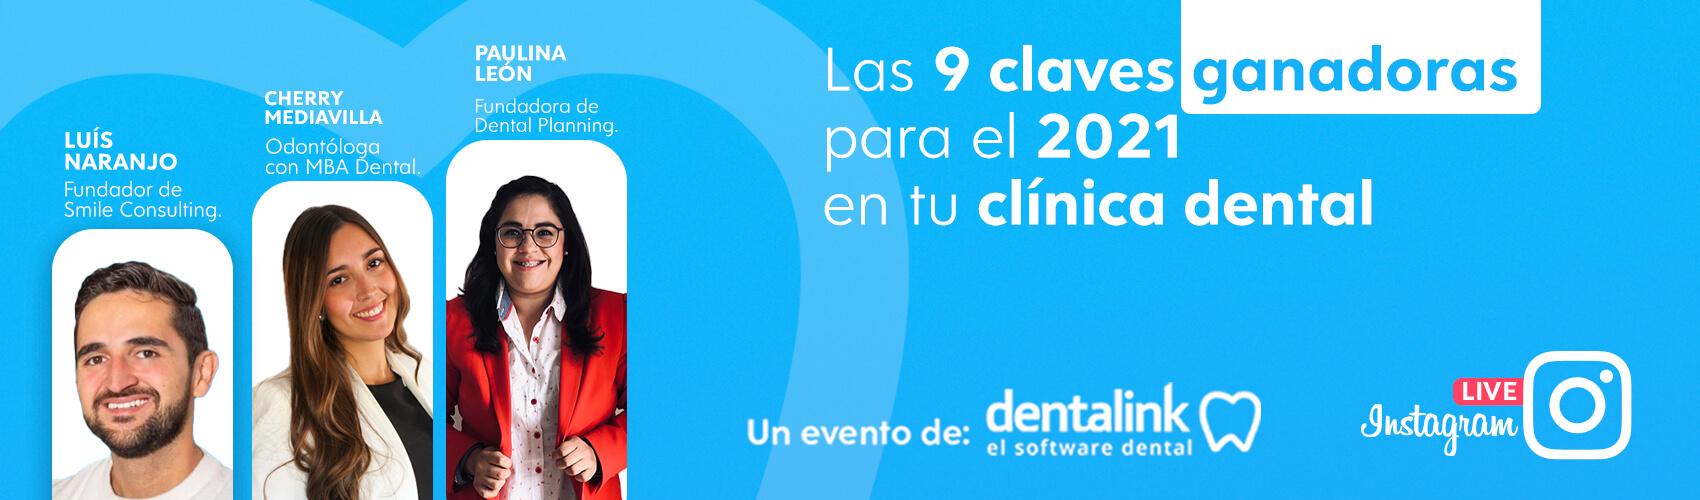 Instagram Live: 9 claves ganadoras para el 2021 en tu clínica dental